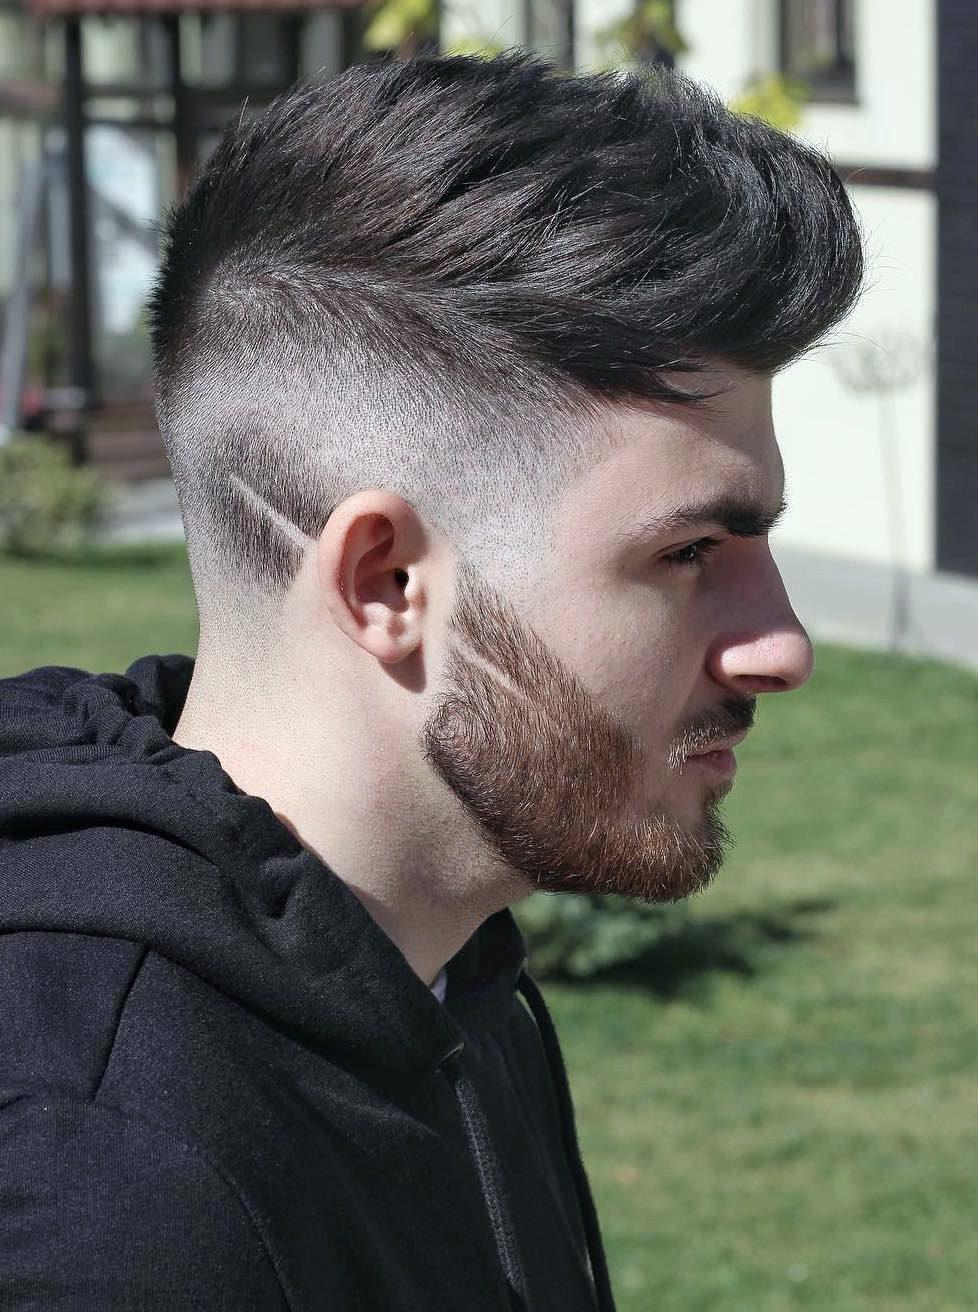 That Beard Cut Wound